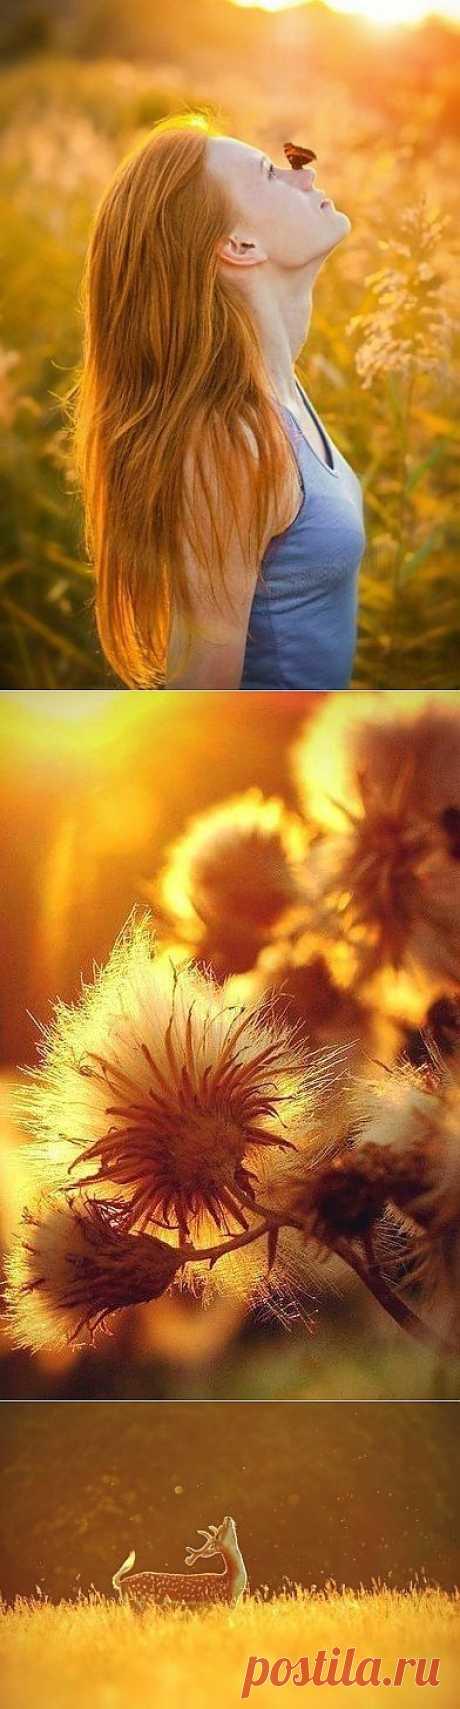 Вдохновение цветом: золото солнца